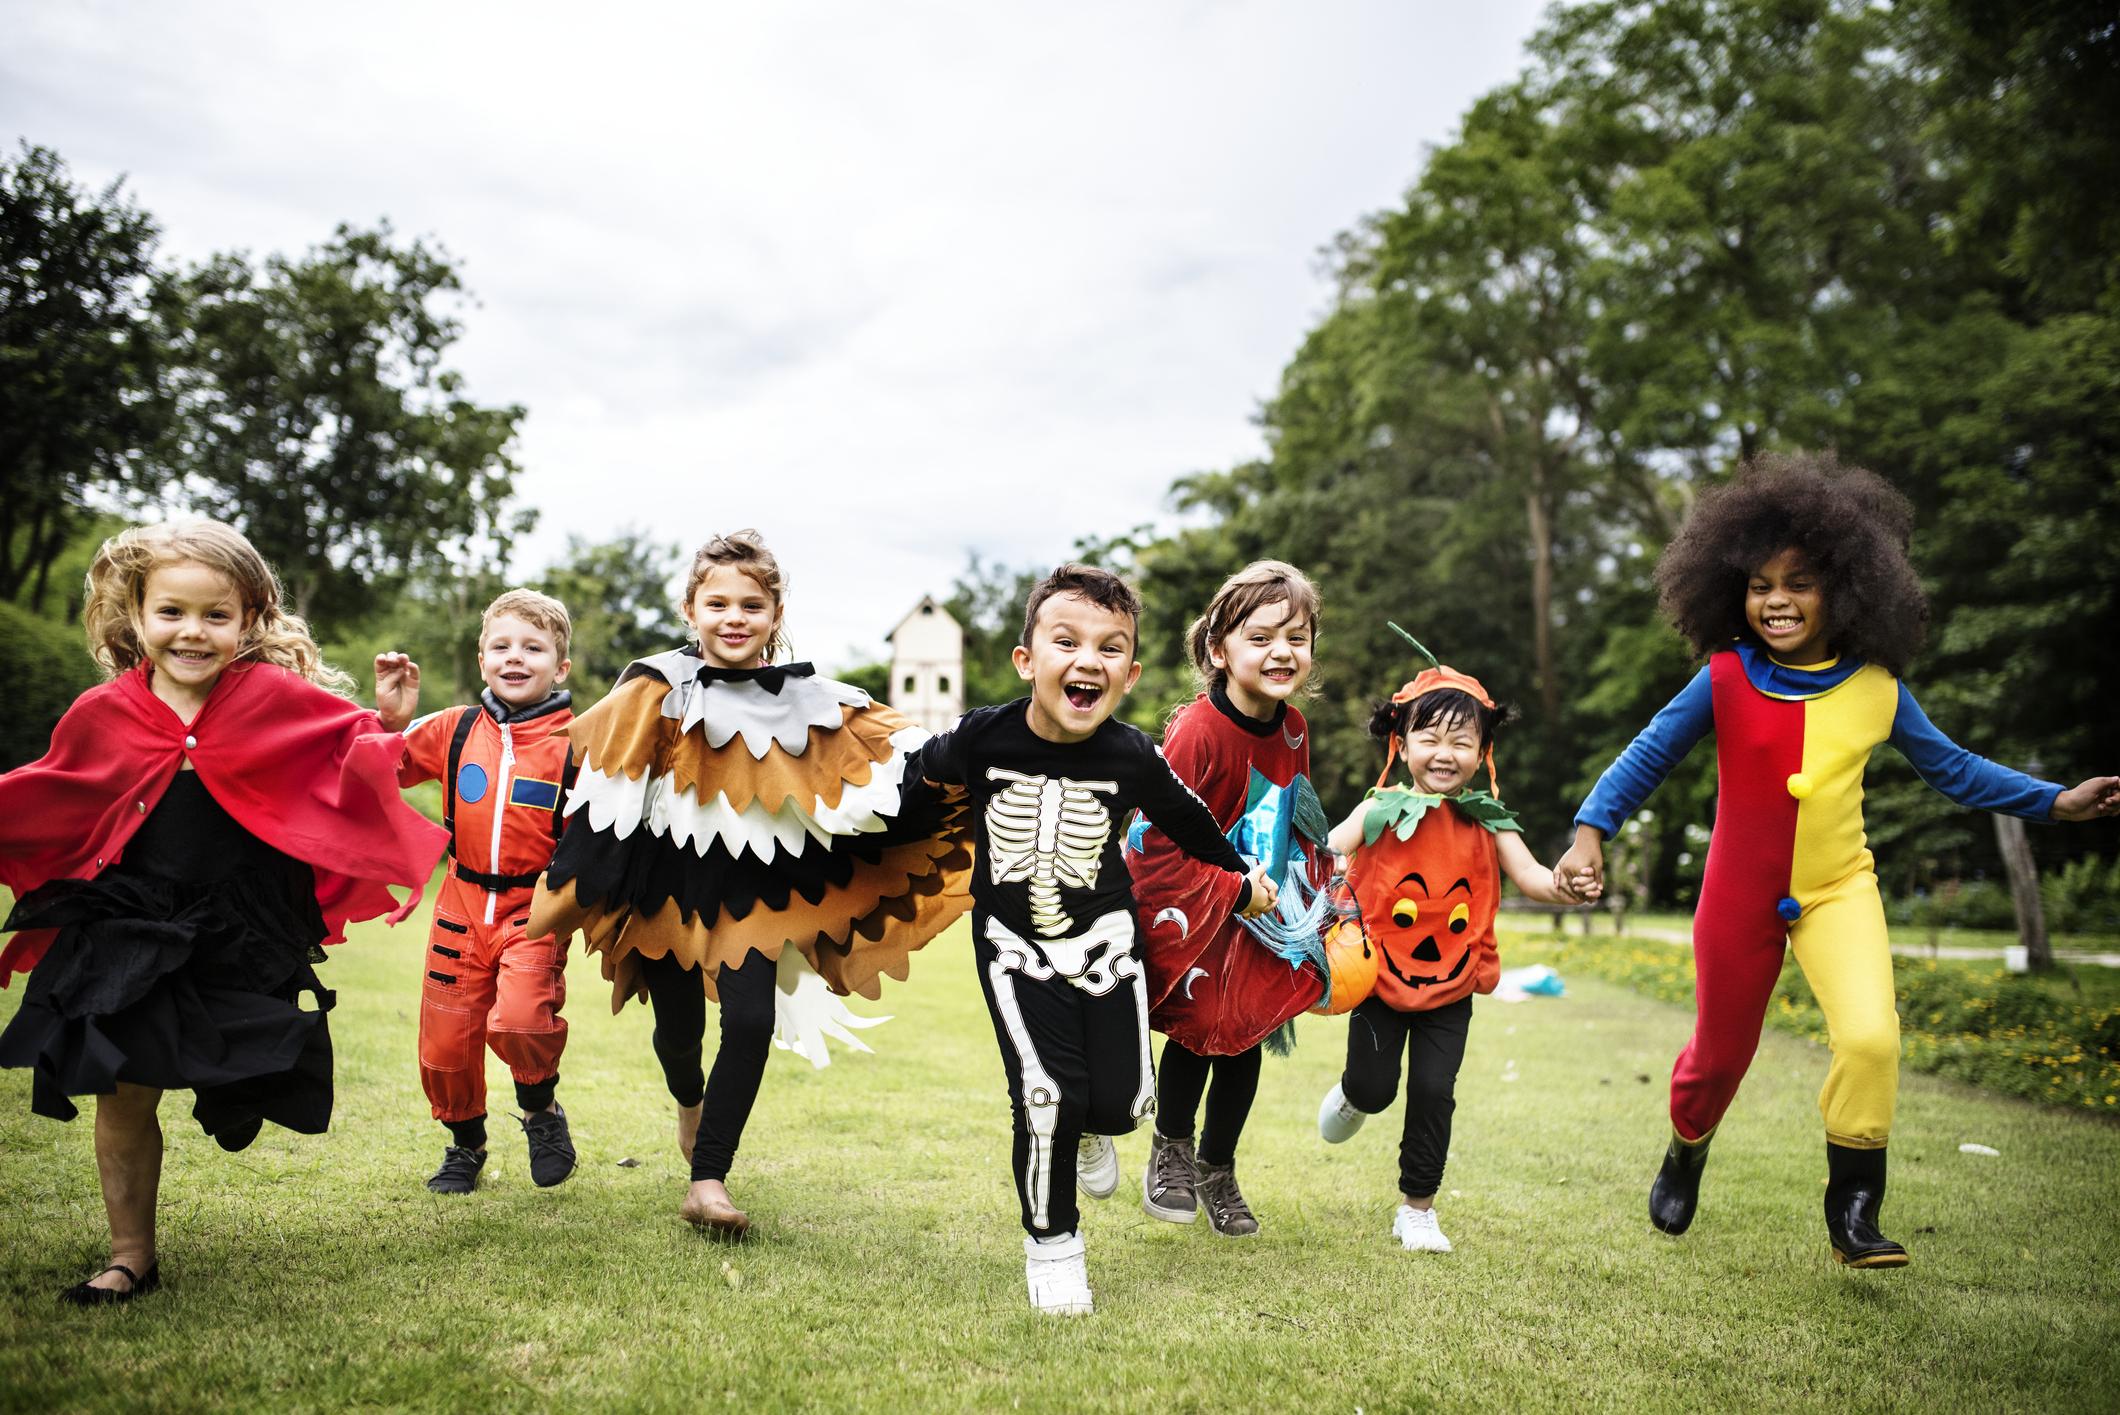 Halloween 2020 In Dfw This Weekend With Children Halloween Costume Ideas for Kids   DFWChild